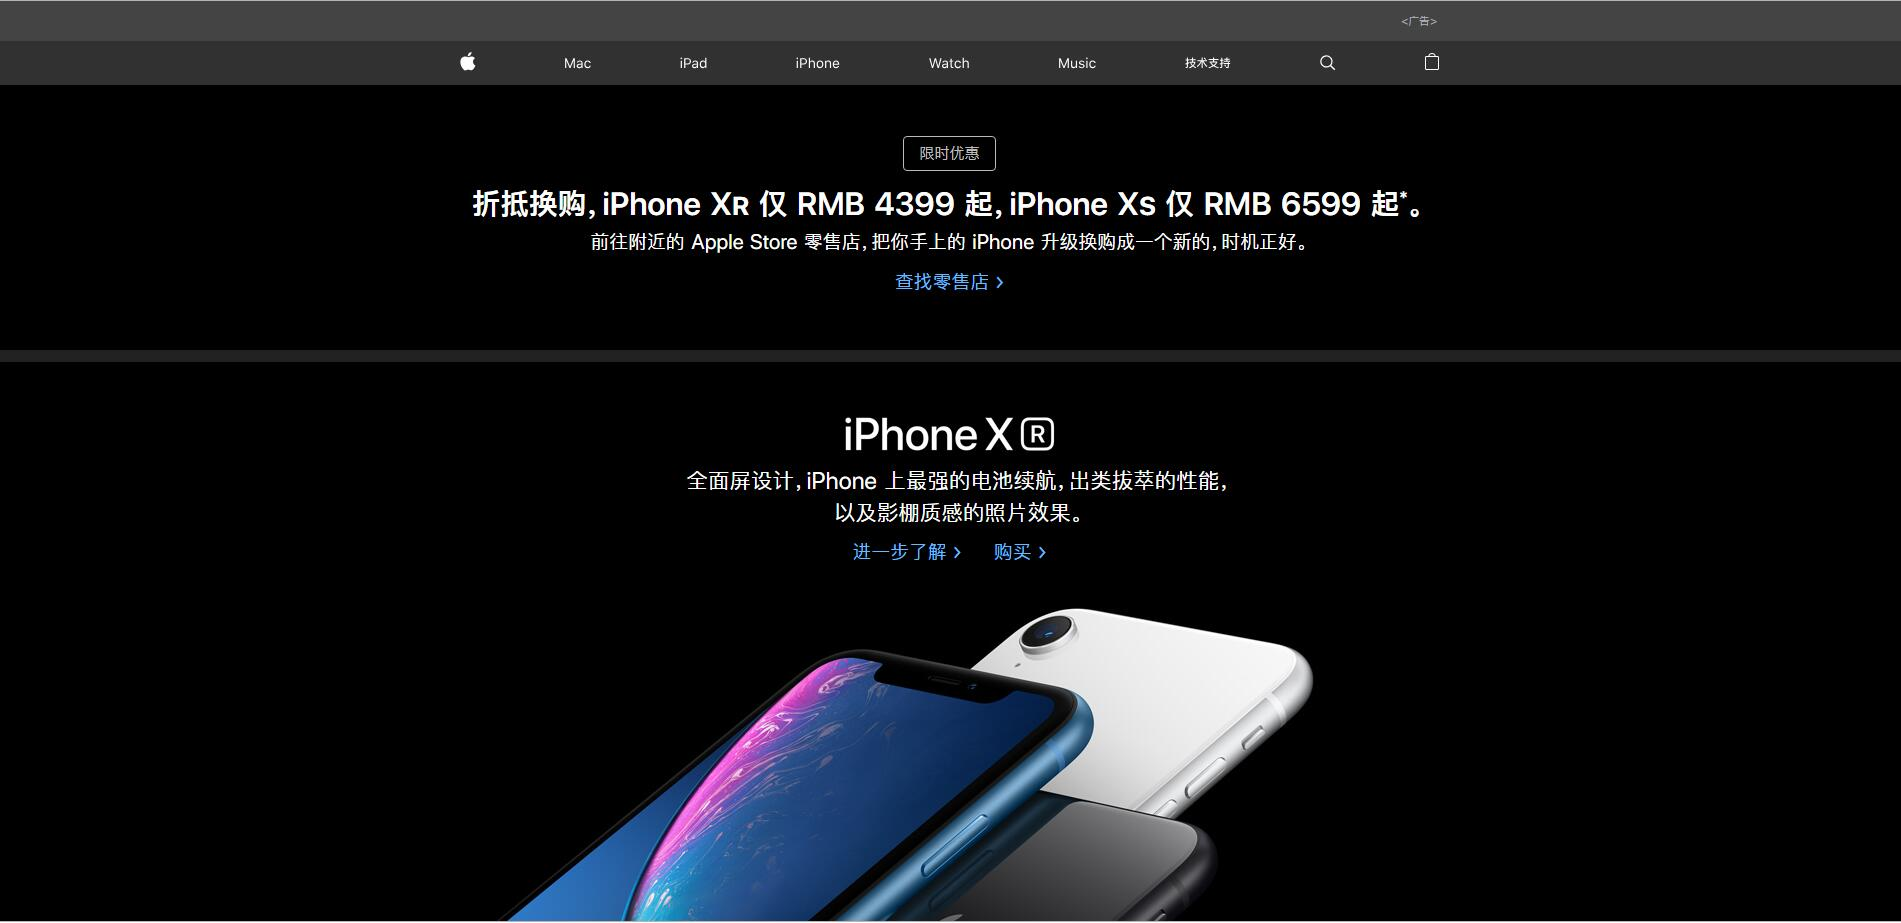 新款iPhone行货变相降价 应对国货冲击作用不大